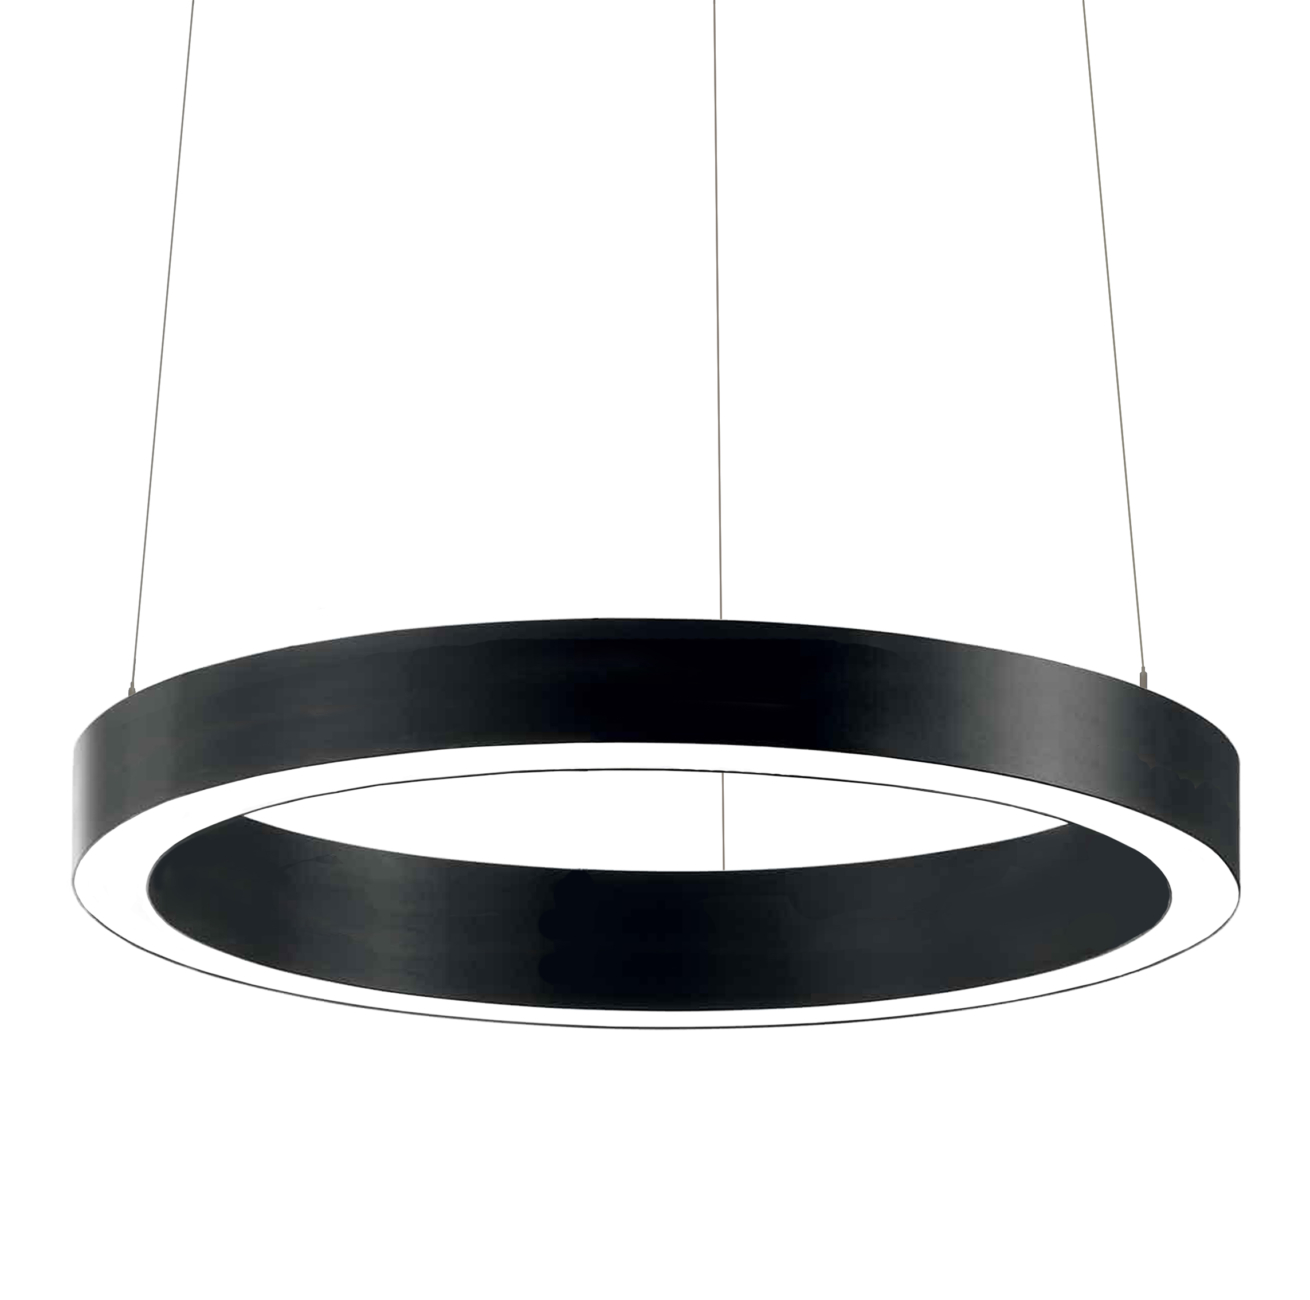 Светильник Ring 5060-1350мм. 4000К/3000К. 65W/136W купить в Химках